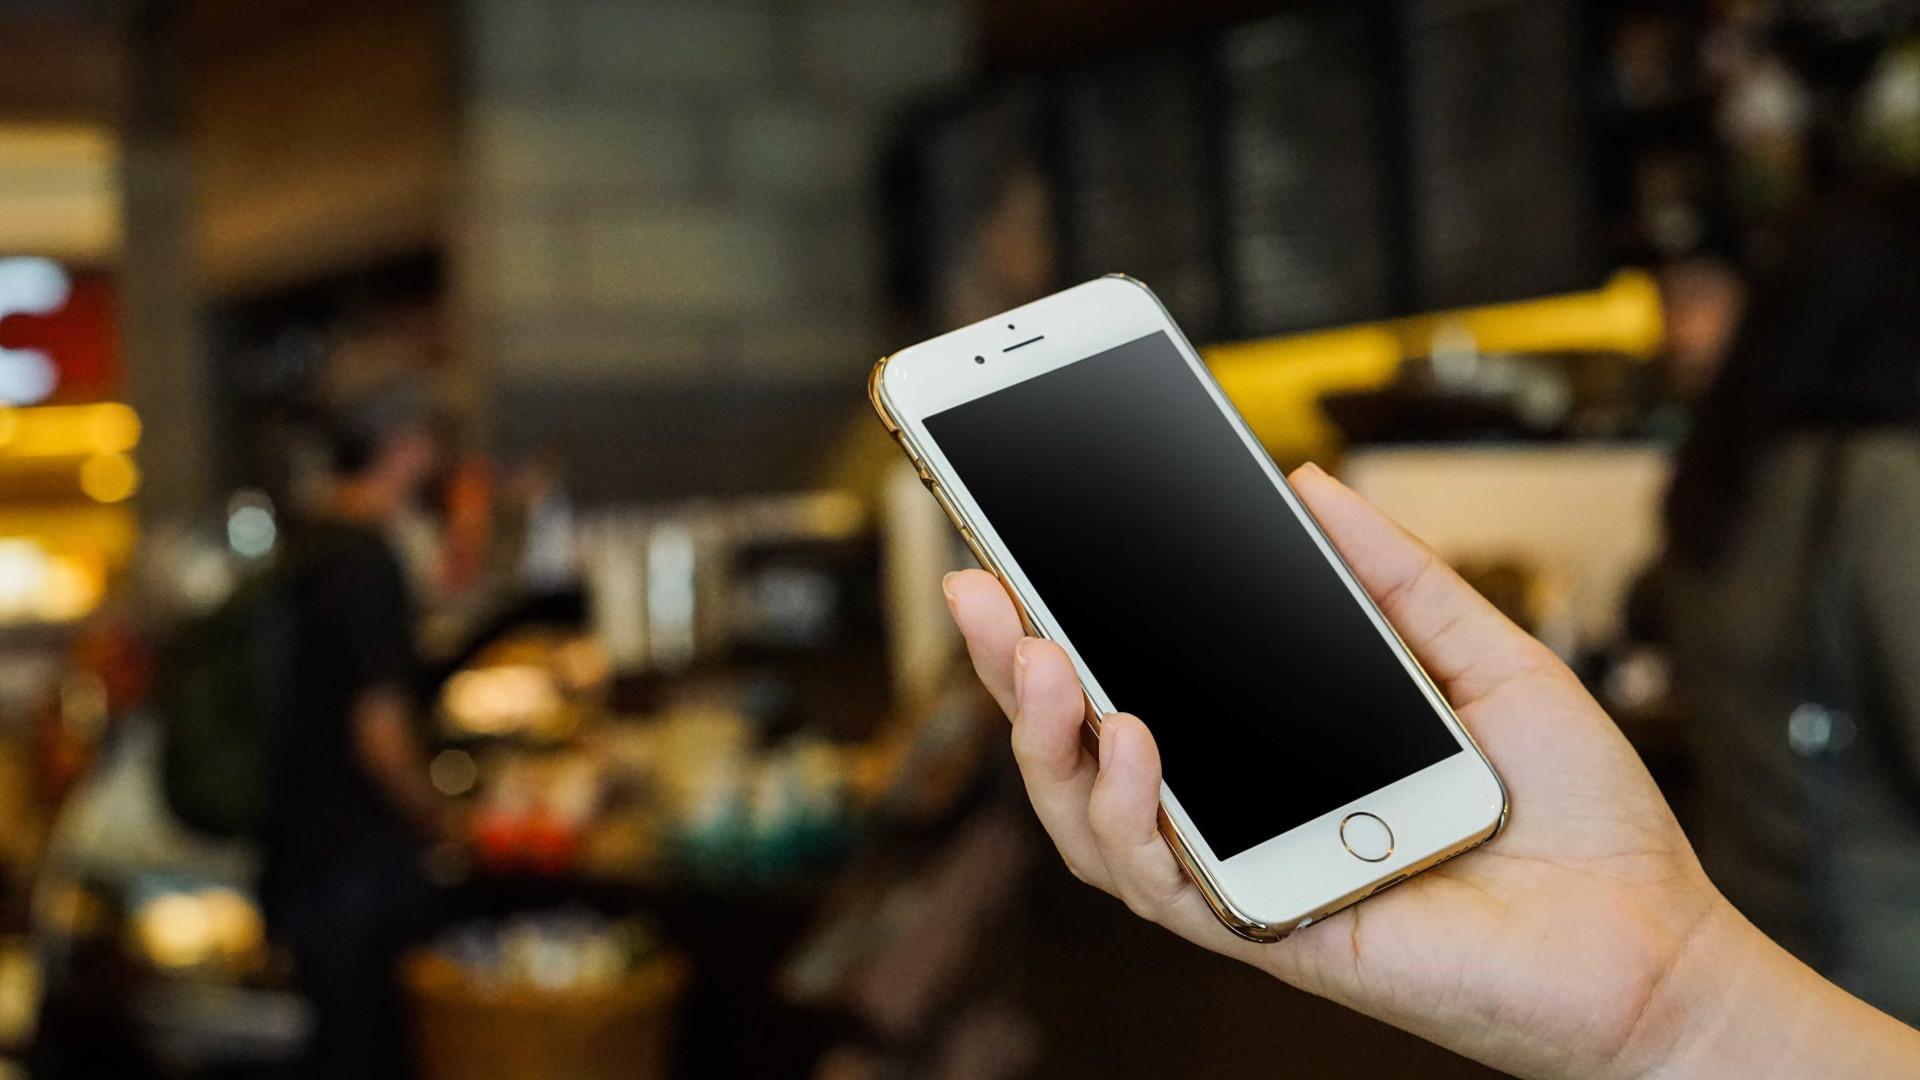 Sacudir o iPhone desfaz enganos em textos; aprenda